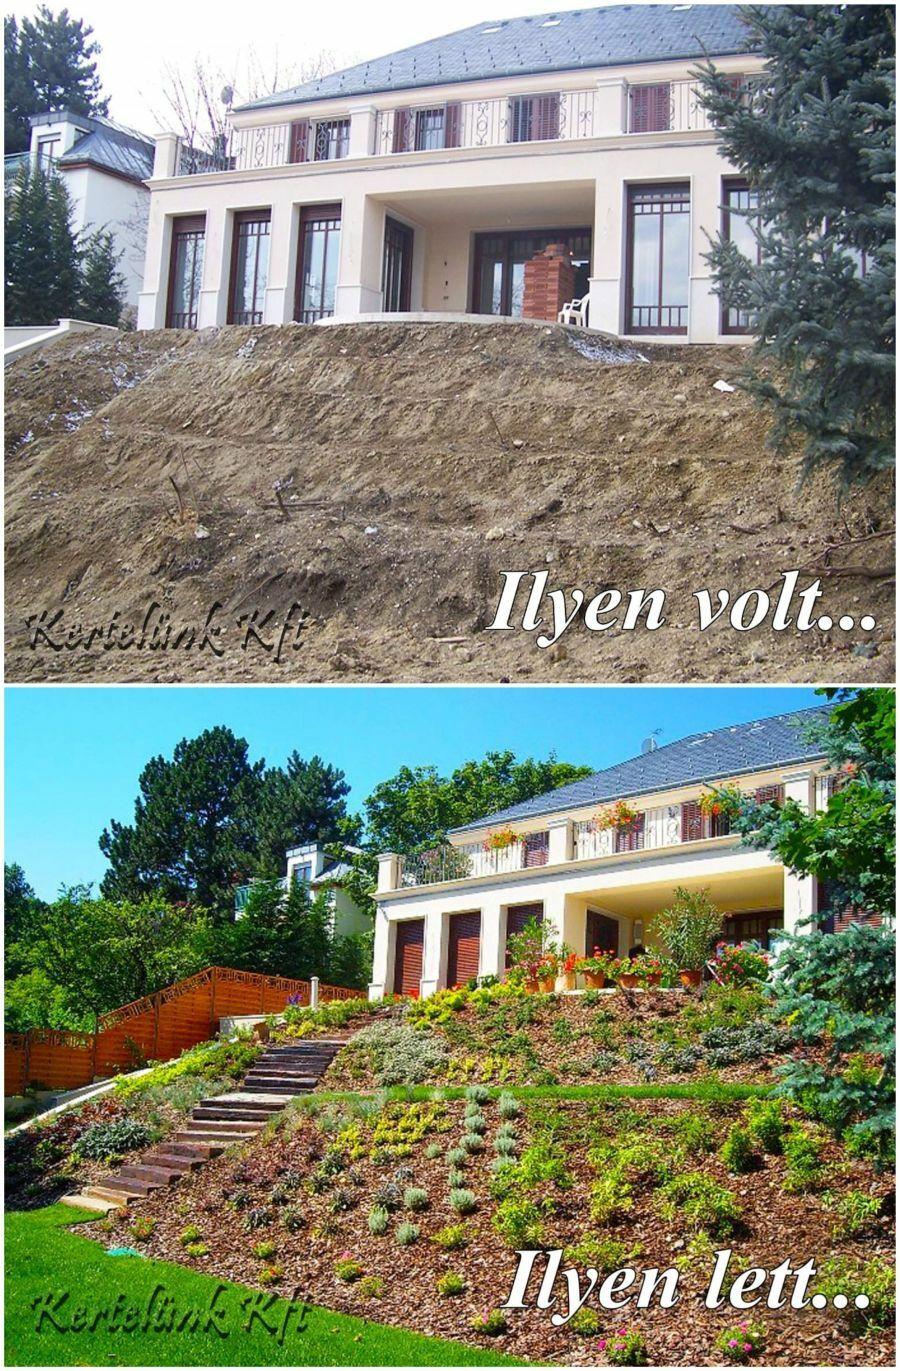 Lejtős kert kialakítása - Kertelünk Kft.